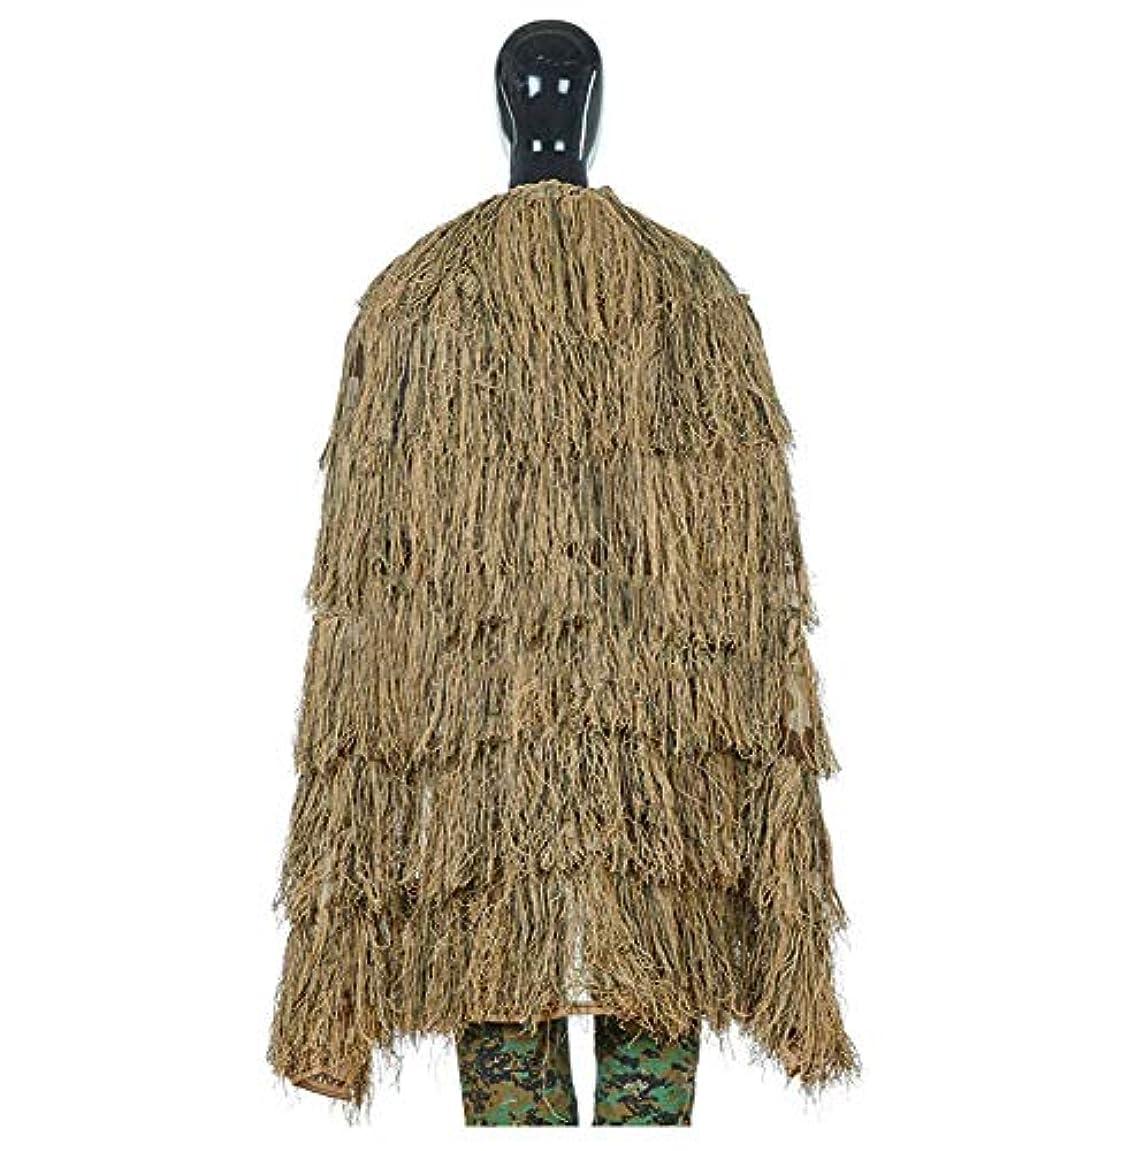 恐怖鉄大声でカモフラージュカモ岬、3Dスーツ、スナイパーアンボム森林軍事狩猟撮影、砂漠の色に適して